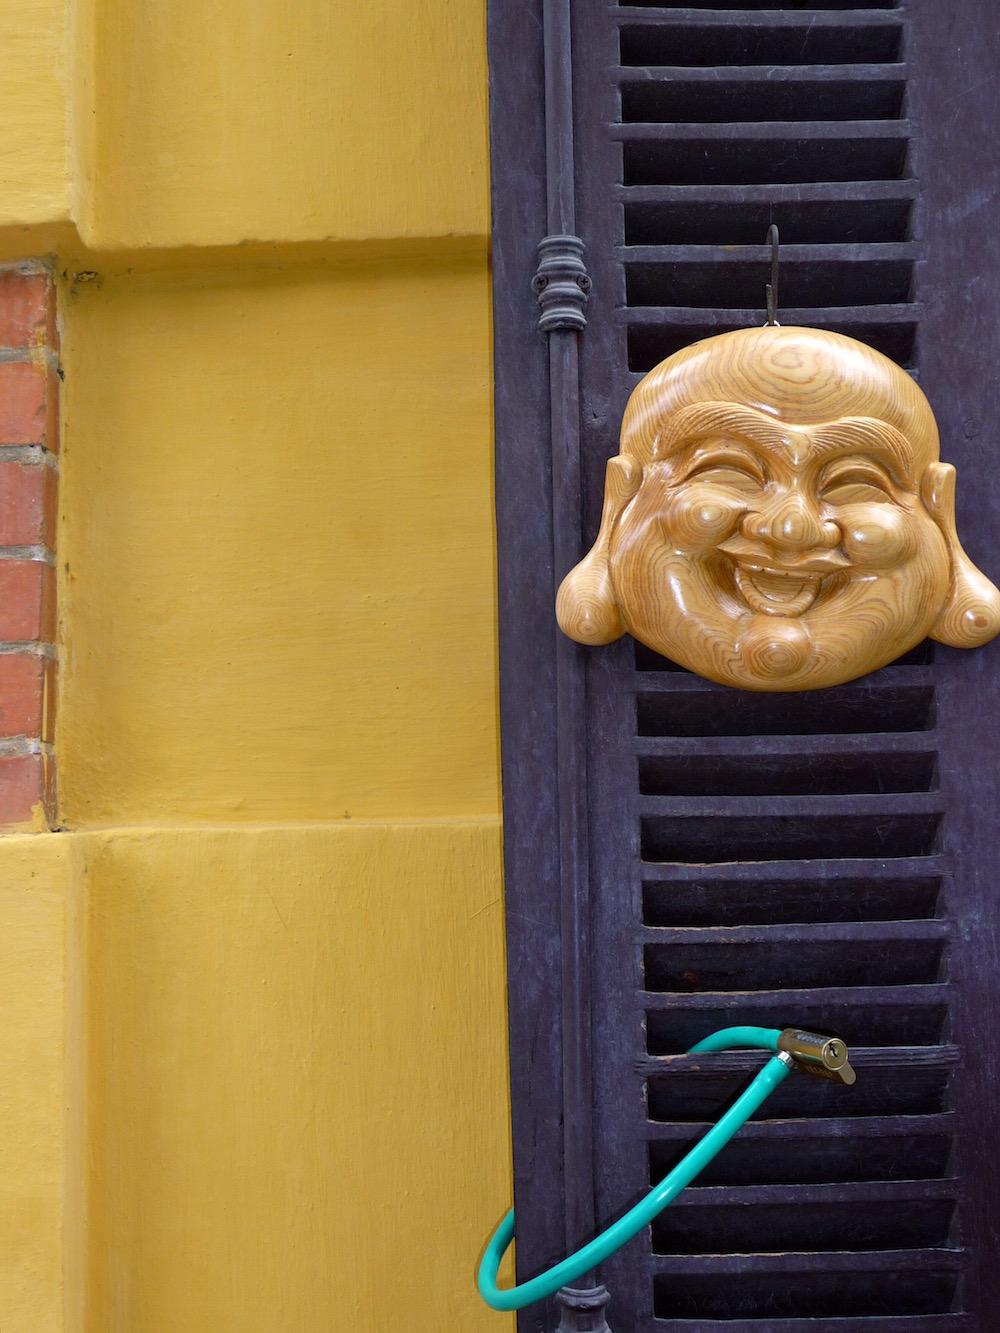 Lachender Buddha vietnamreise-tipps